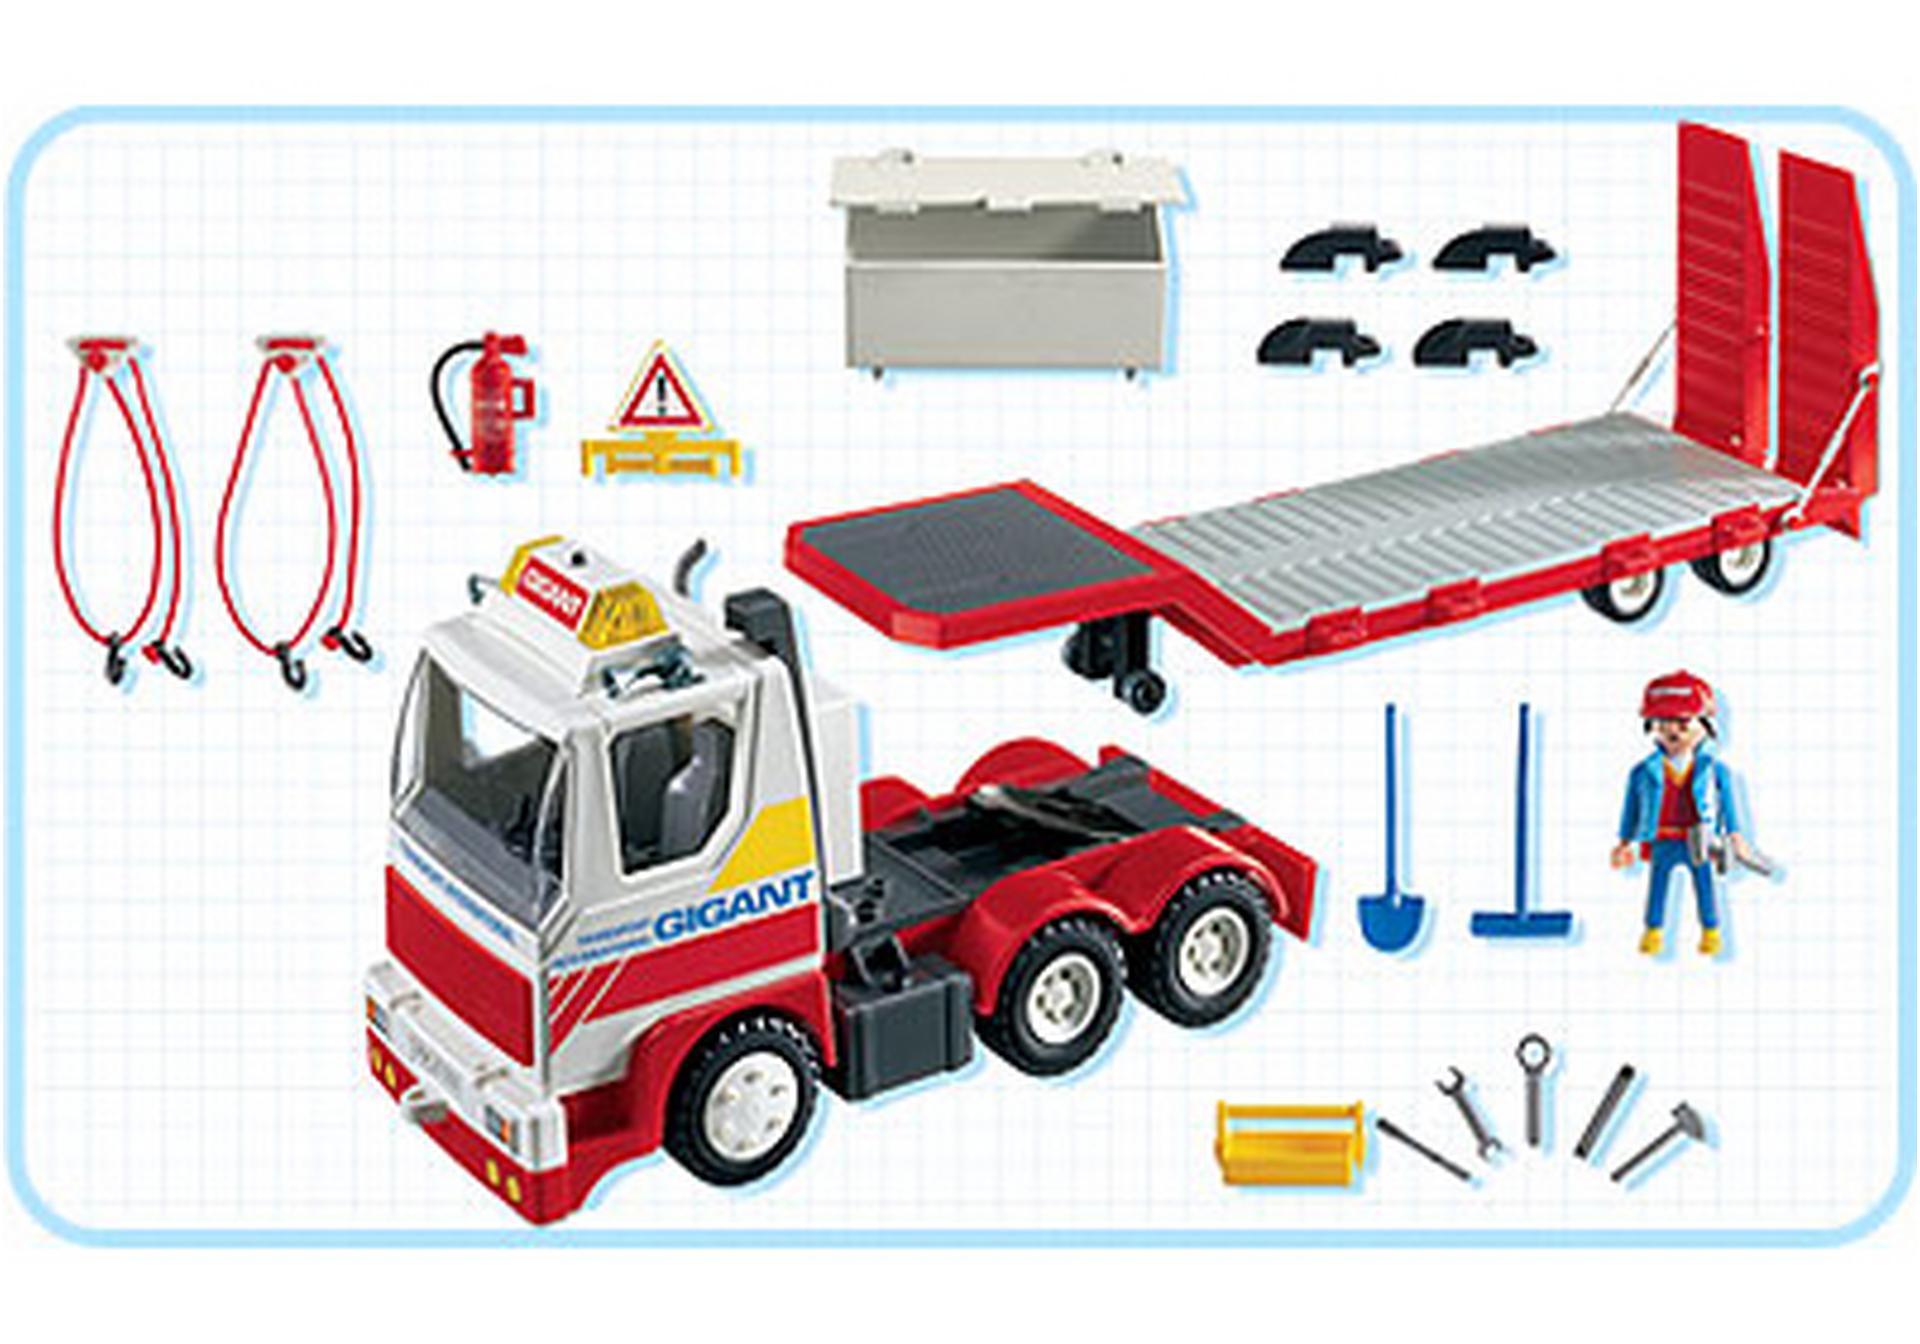 Tieflader 3935 a playmobil deutschland for Jugendzimmer playmobil